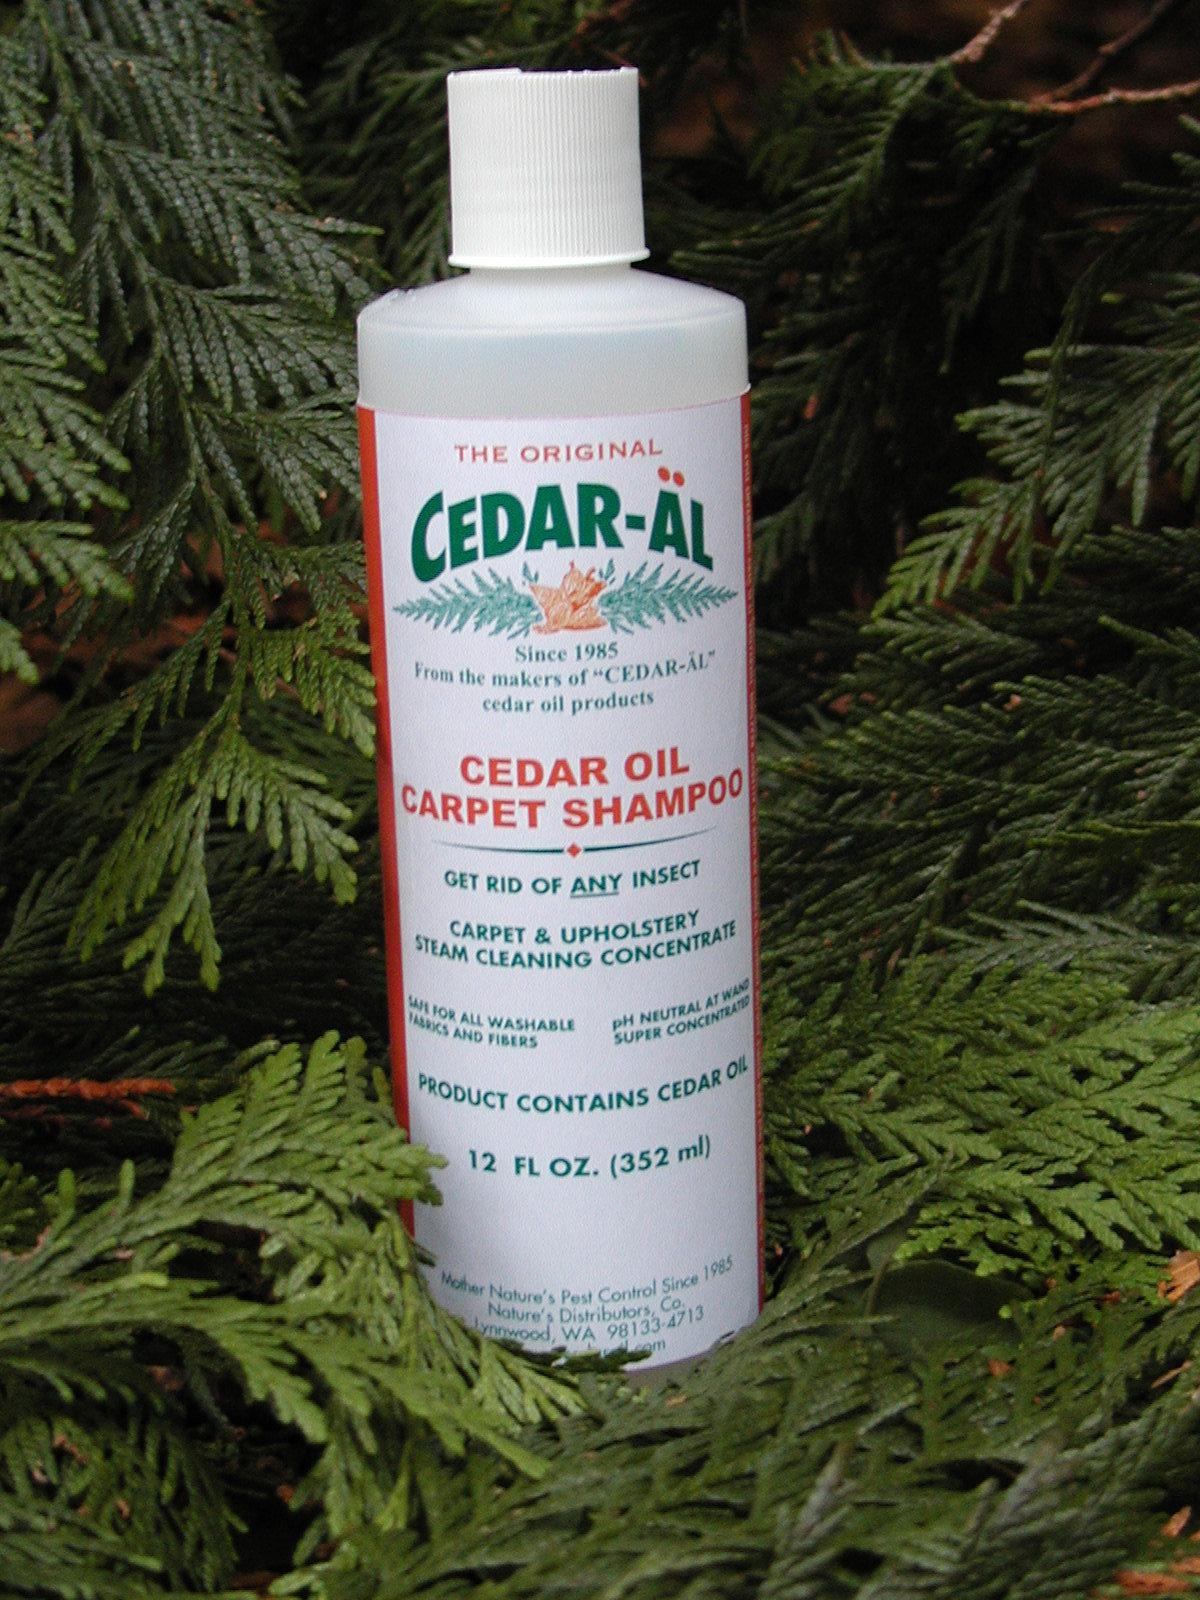 CEDAR-AL Cedar Carpet Shampoo 3